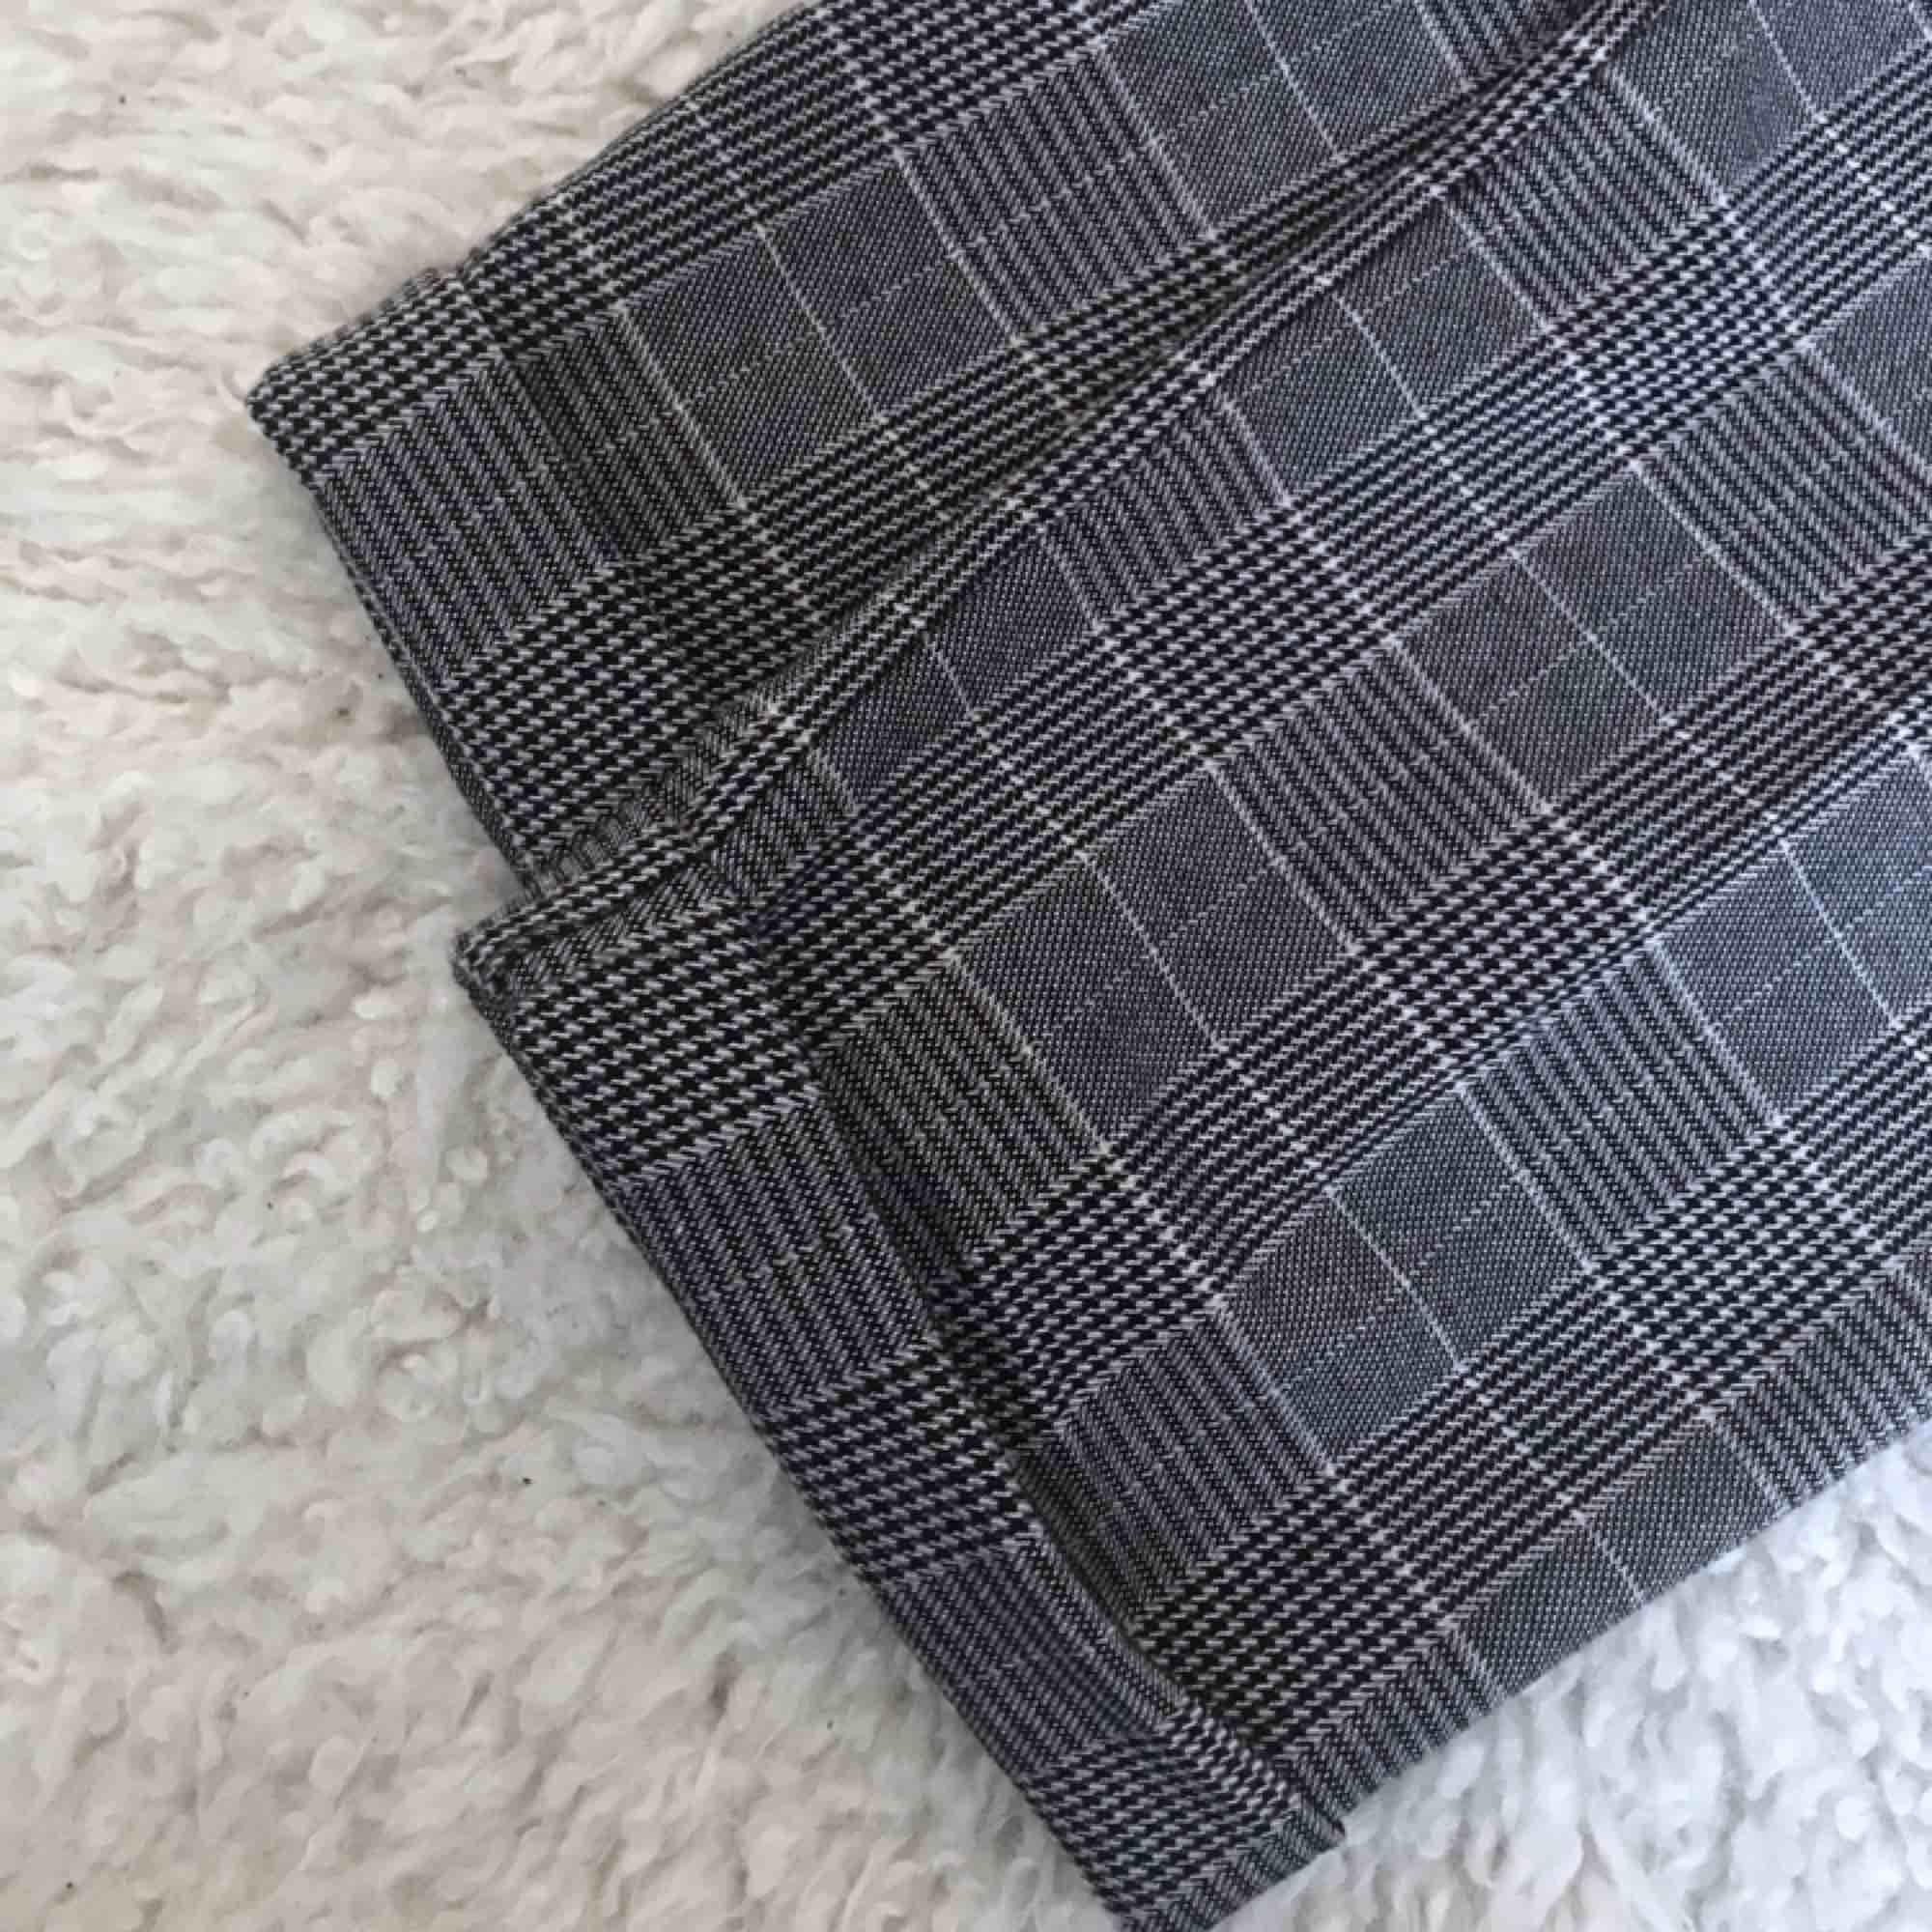 Sjukt snygga paperbagbyxor från pullandbear i det perfekta rutiga mönstret. Endast använda en gång så i jättefint skick. Säljer då de är aningen för stora på mig. Priset kan diskuteras! Frakt betalas av köpare, jag tar swish⚡️. Jeans & Byxor.